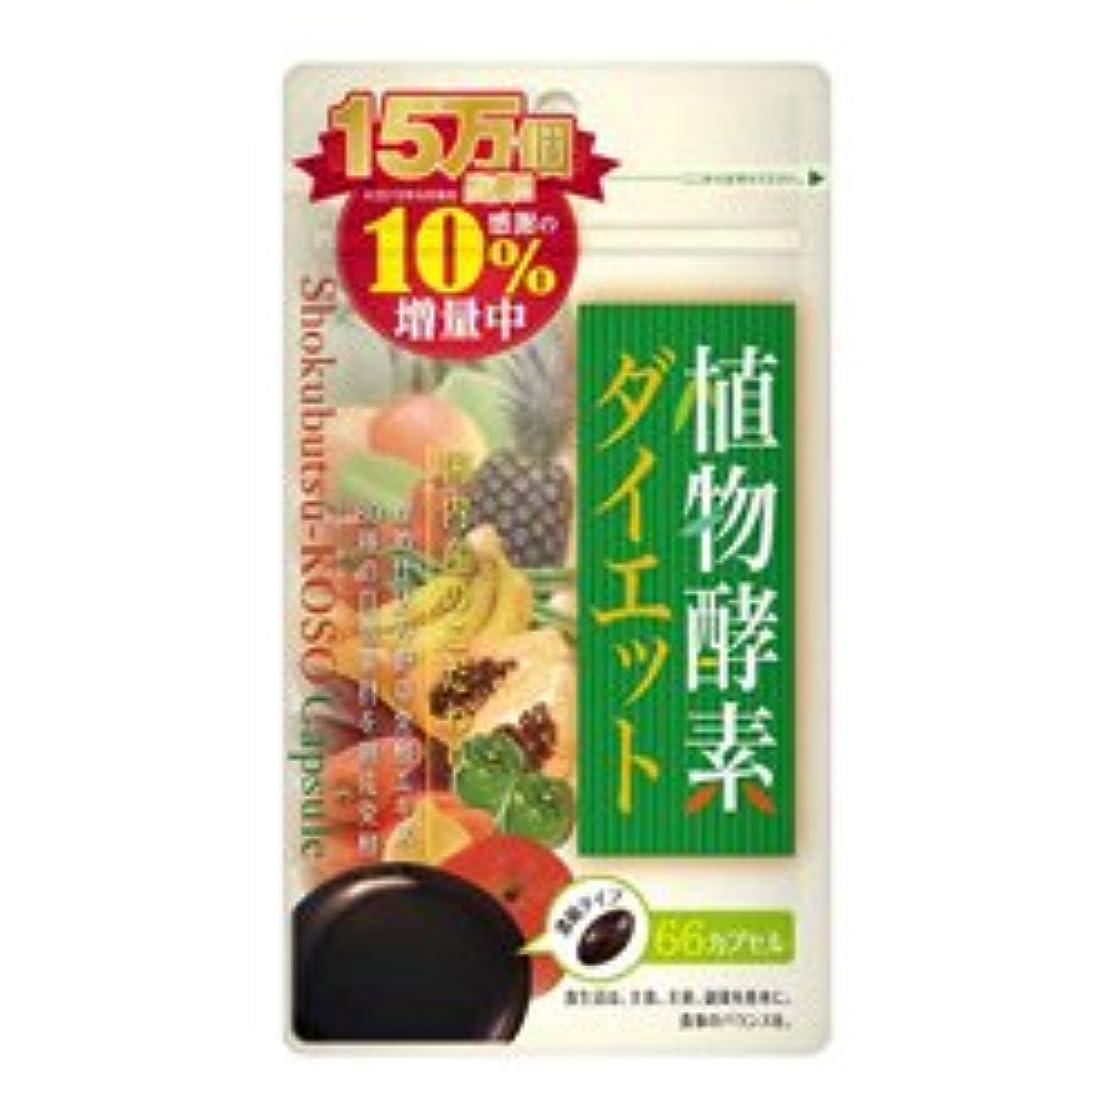 【ウエルネスジャパン】植物酵素ダイエット 66カプセル ×5個セット